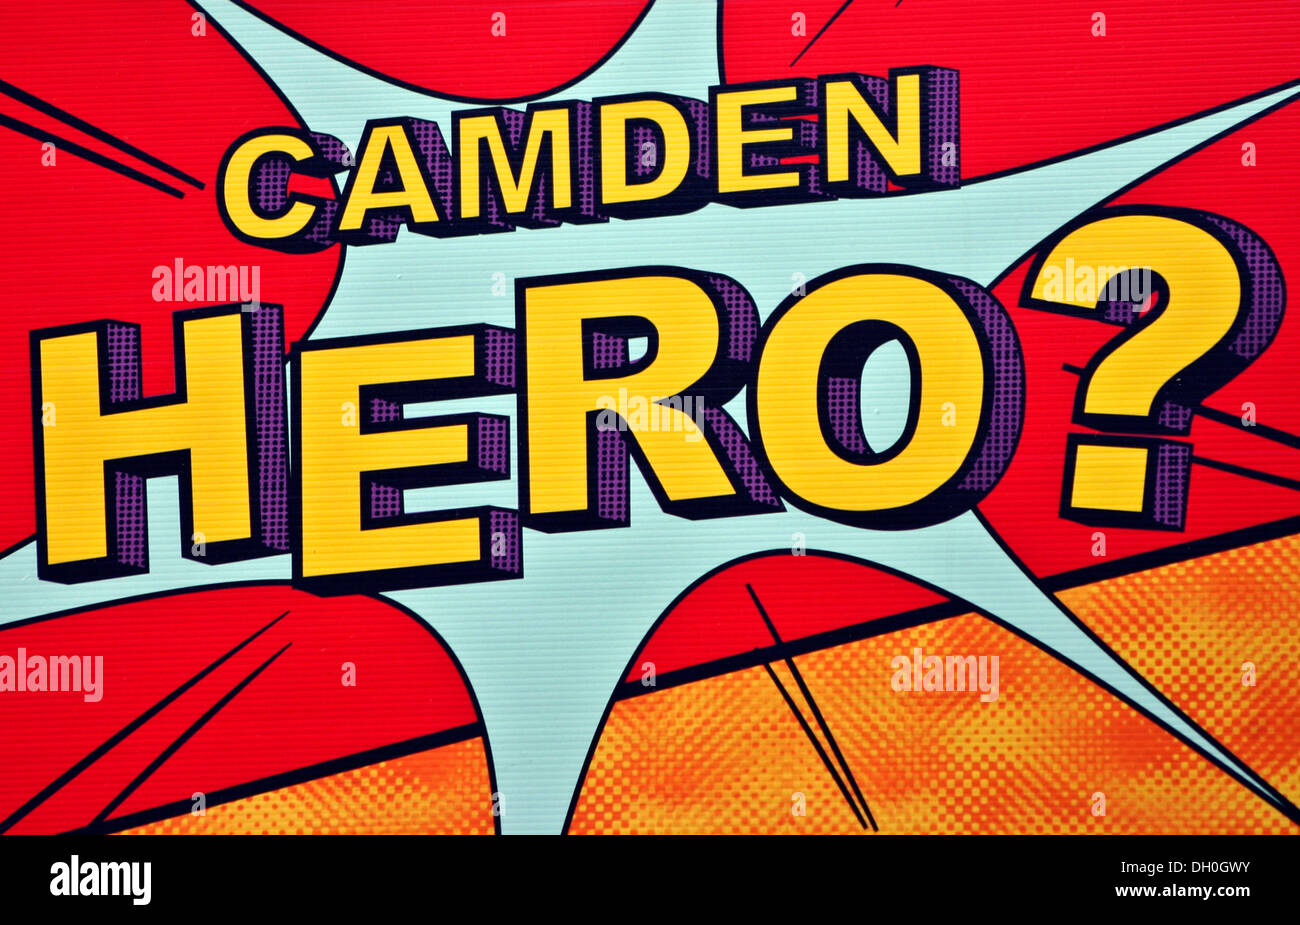 Roy Lichtenstein style poster Camden Hero Stock Photo: 62093527 - Alamy